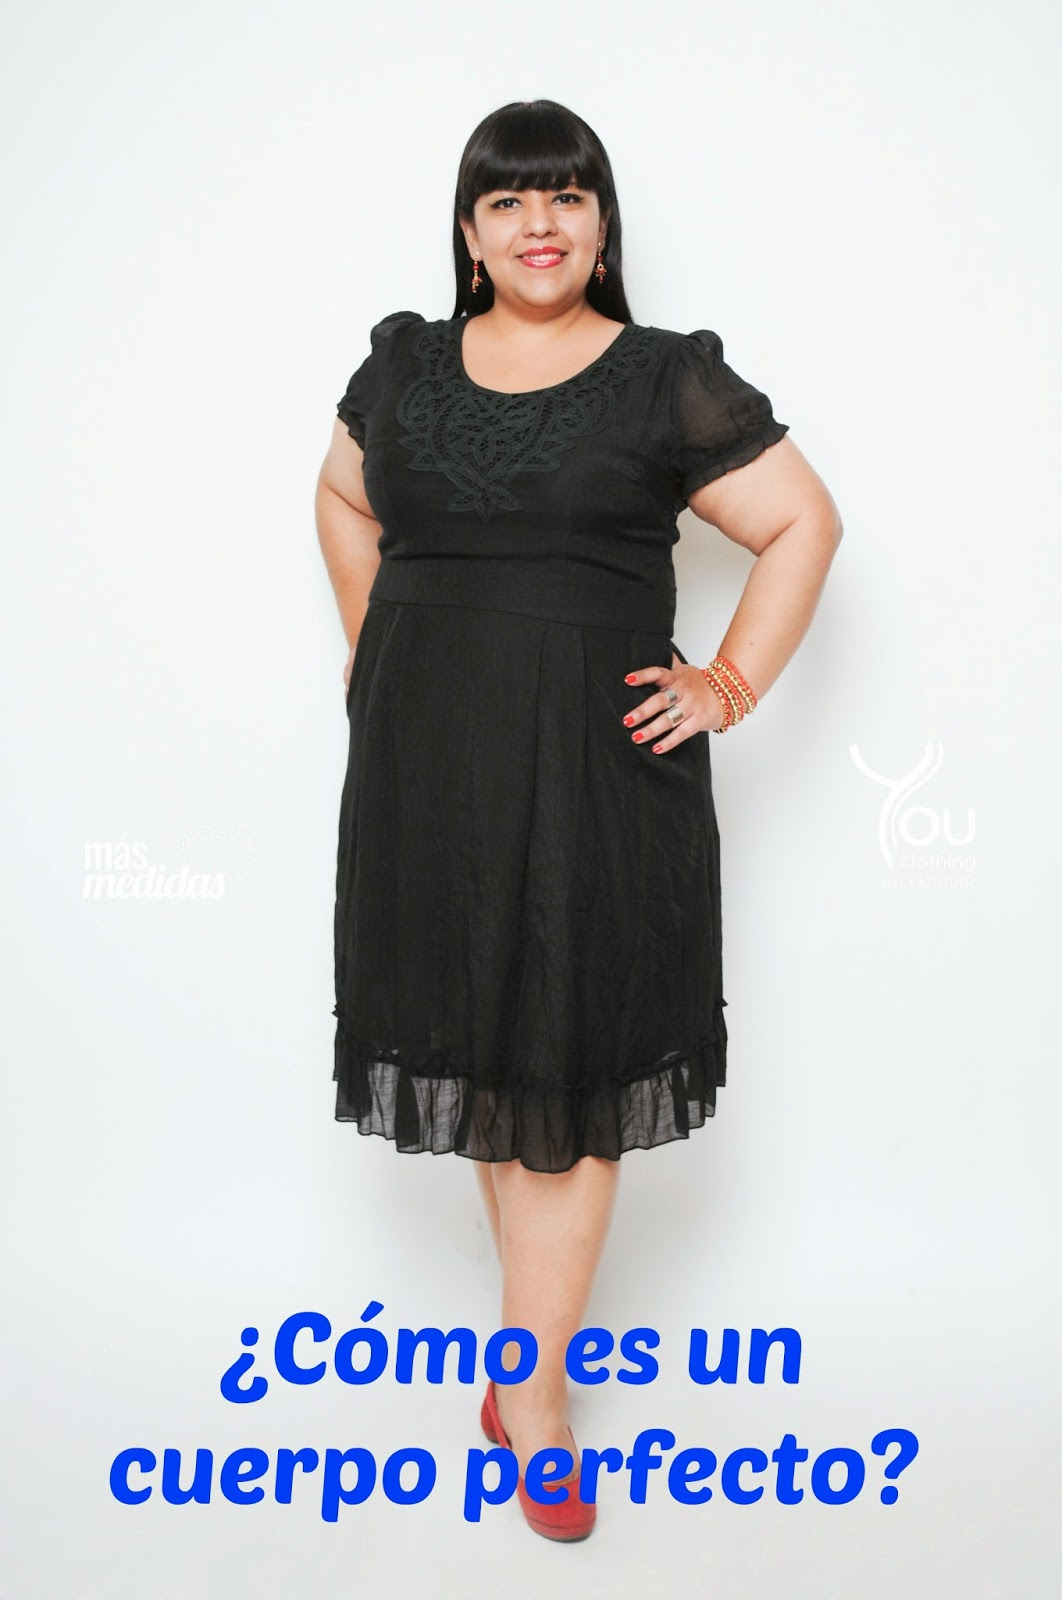 Canciones sobre mujeres gordas